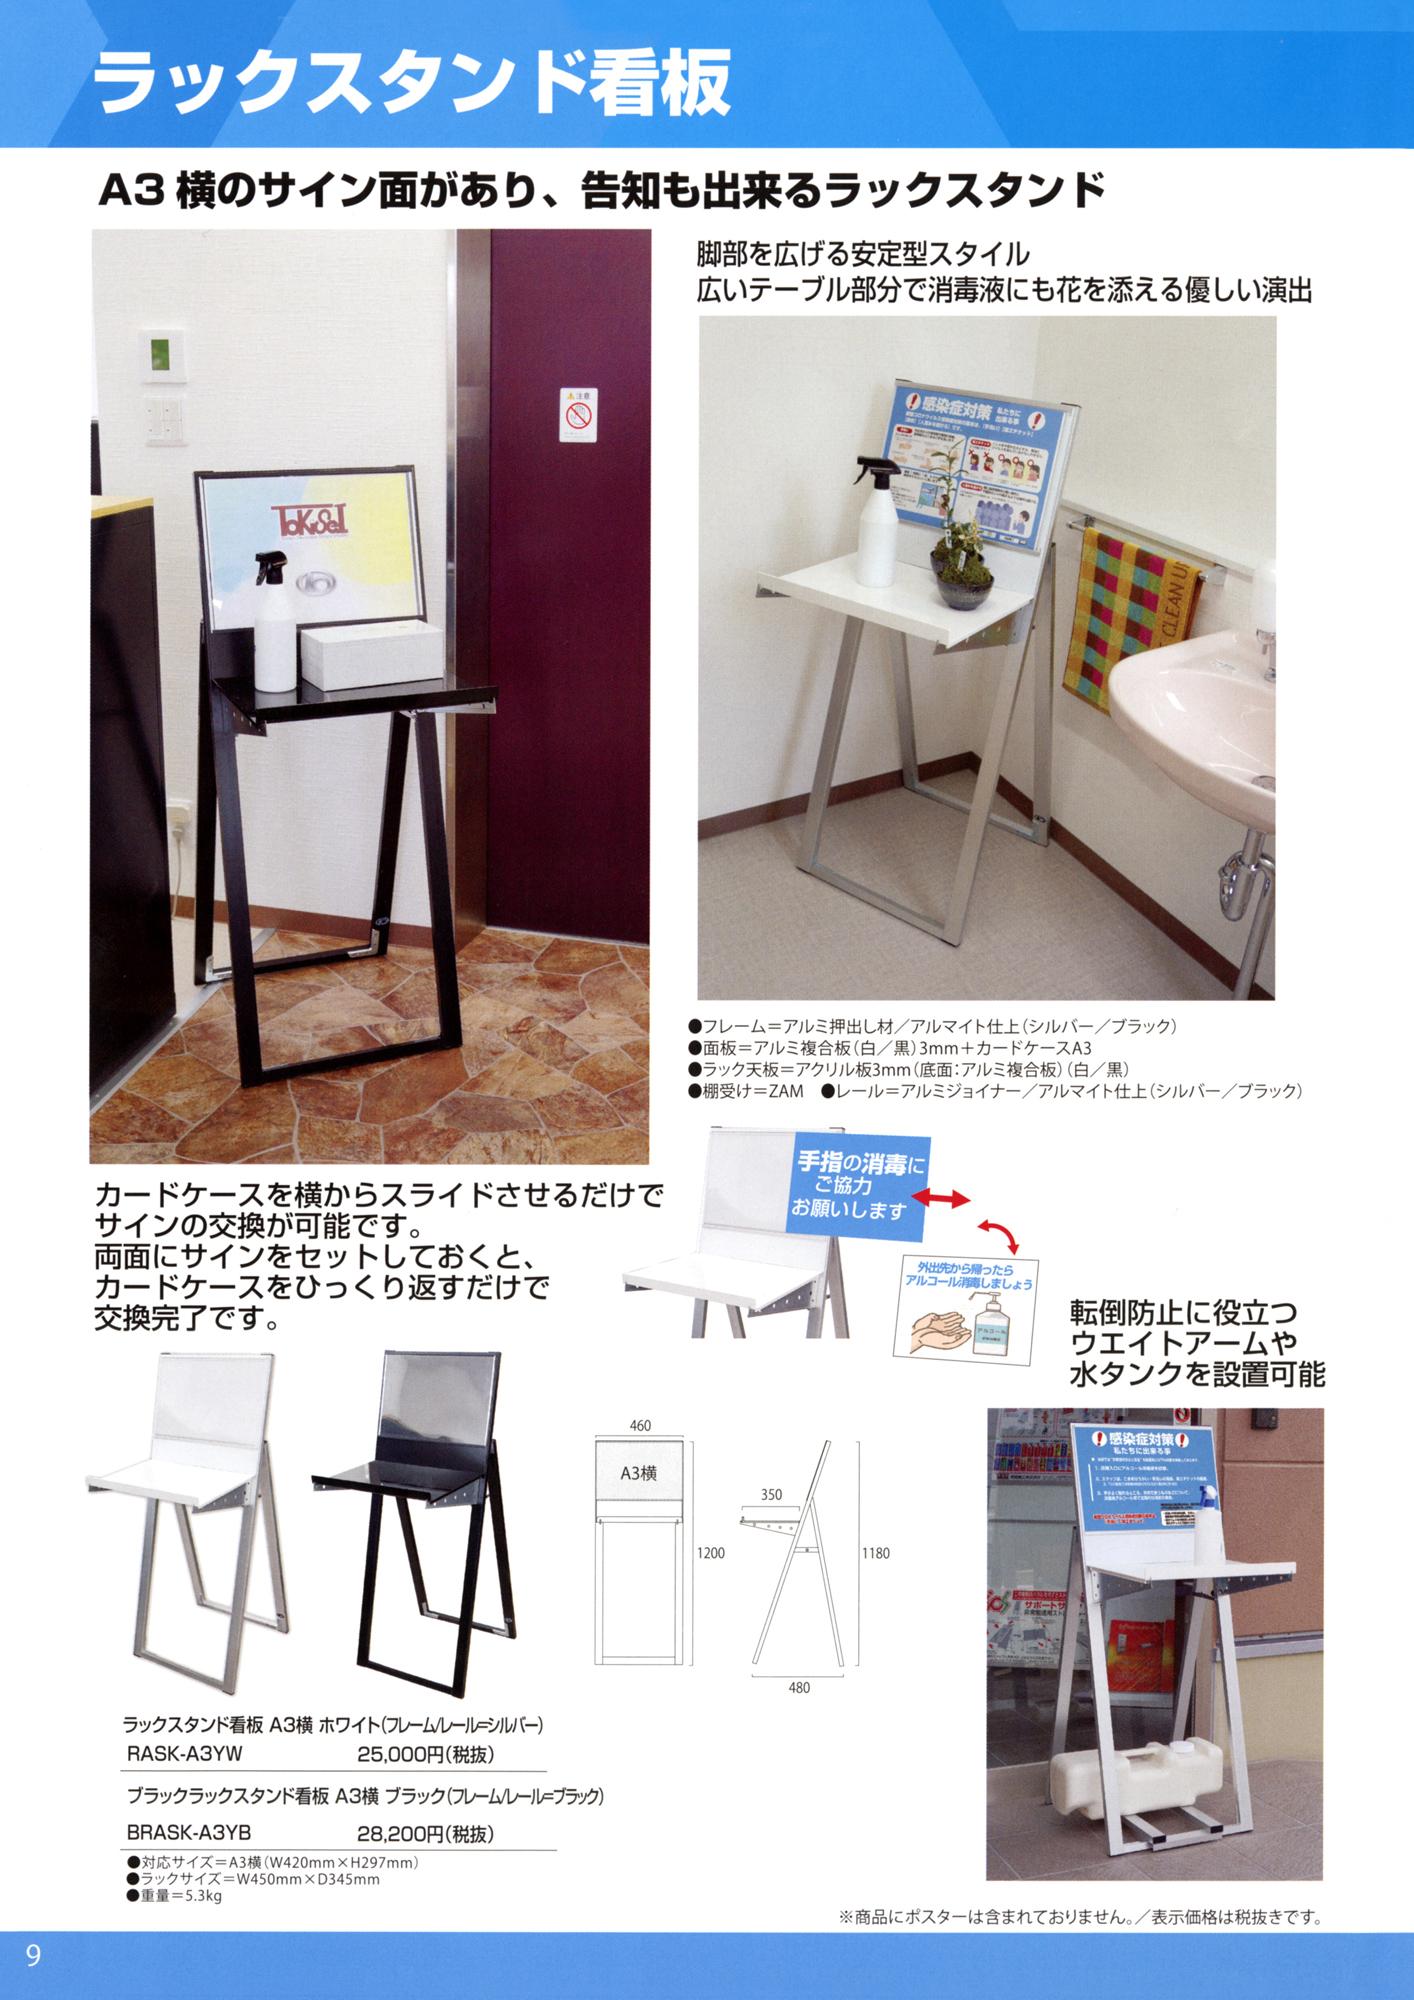 ラックスタンド看板(A3横サイン面+テーブル)